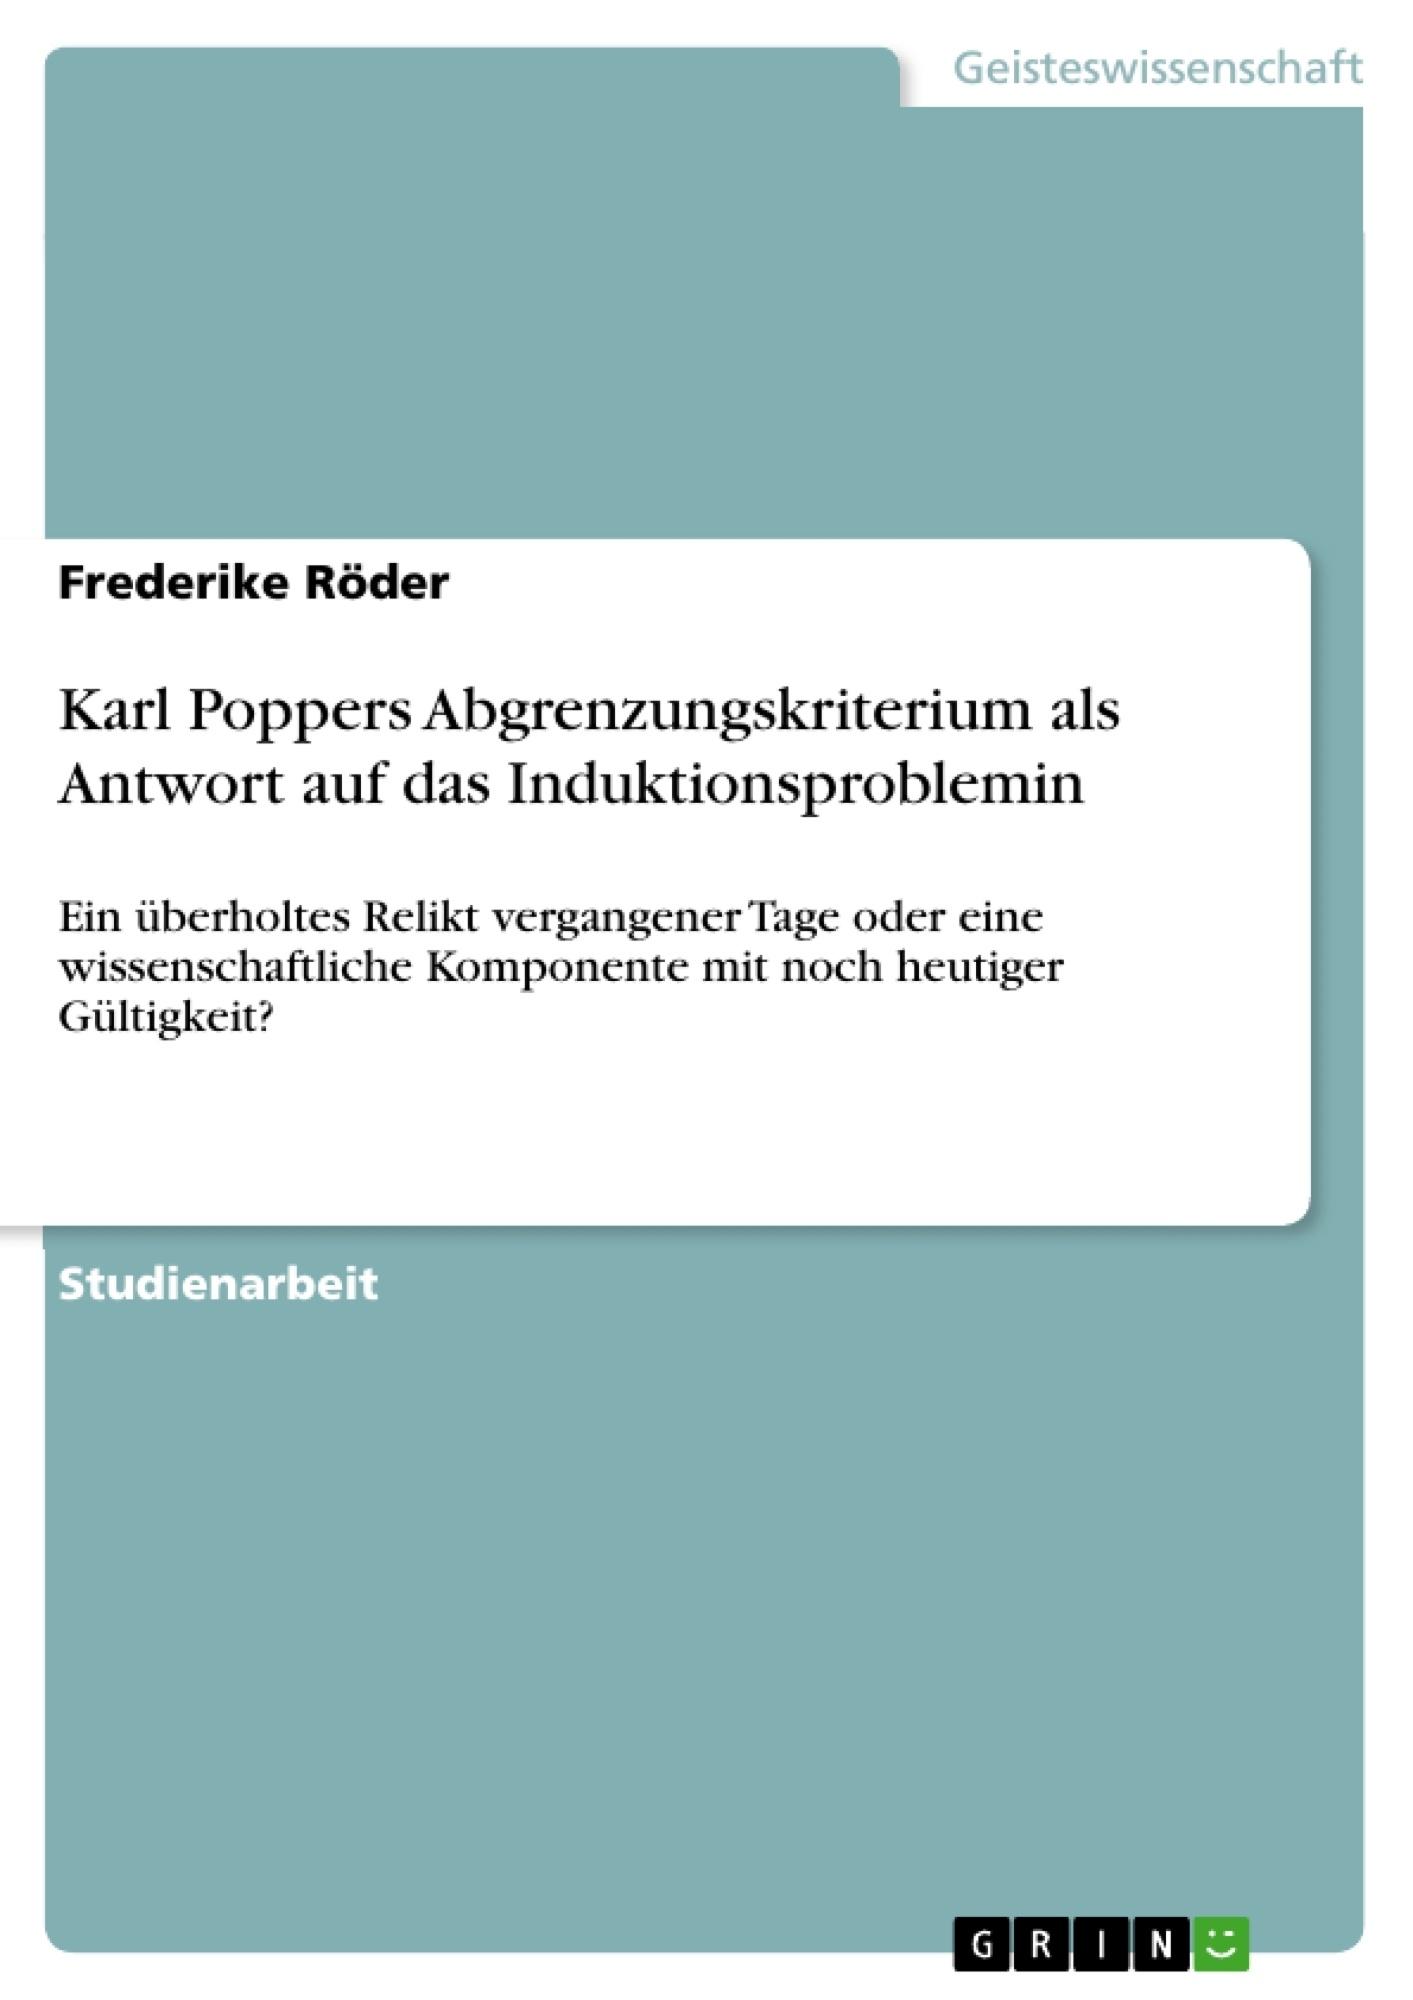 Titel: Karl Poppers Abgrenzungskriterium als Antwort auf das Induktionsproblemin